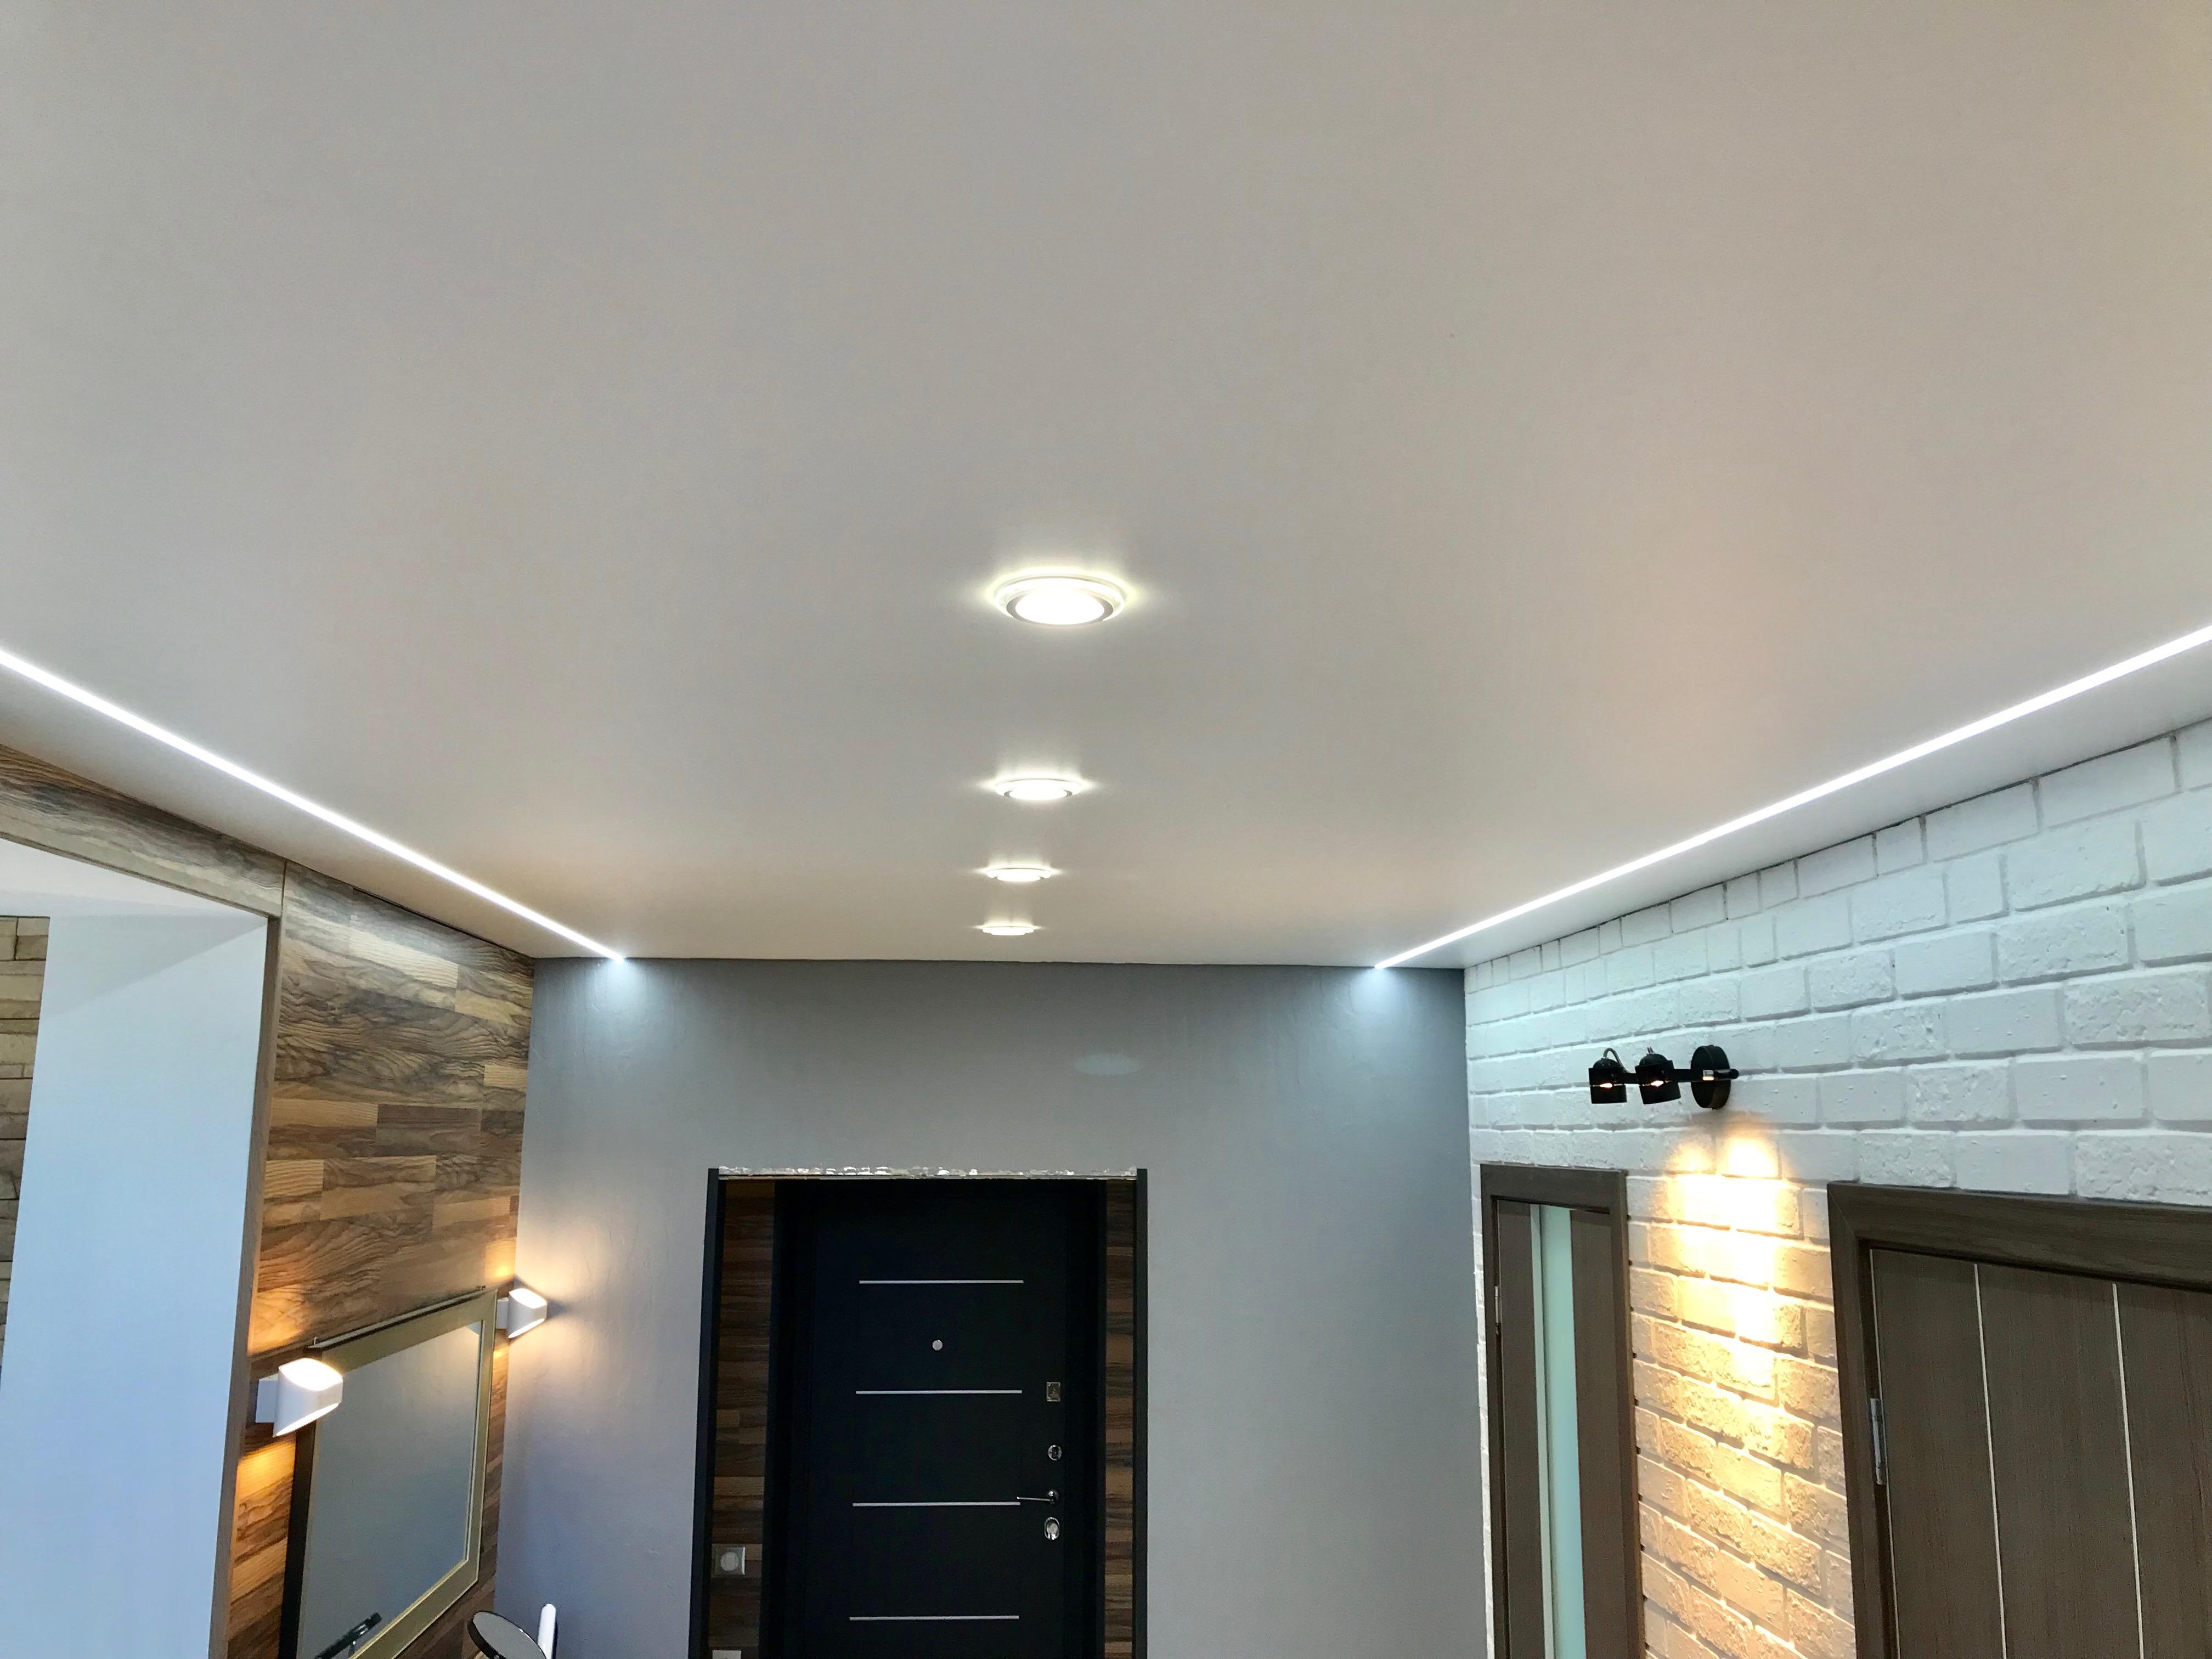 матовый натяжной потолок со световыми линиями